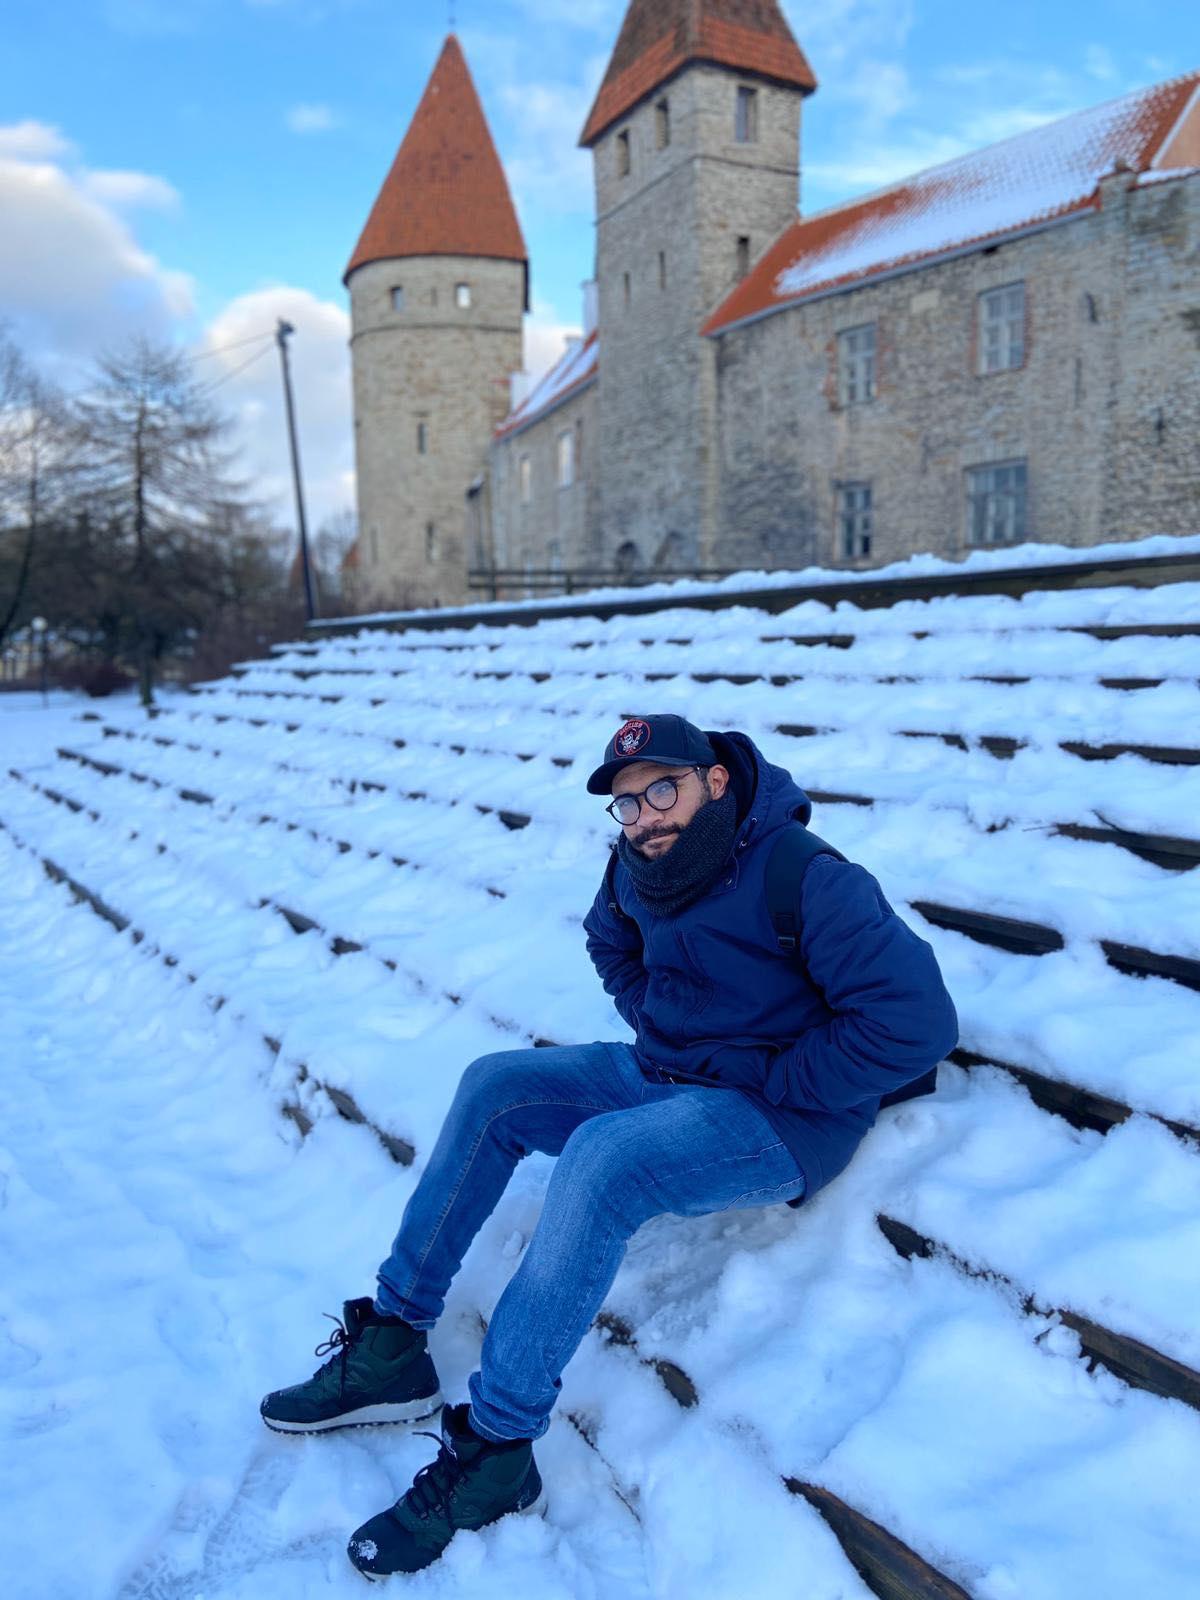 Towers' Square Tallinn photo by Tere Tallinn